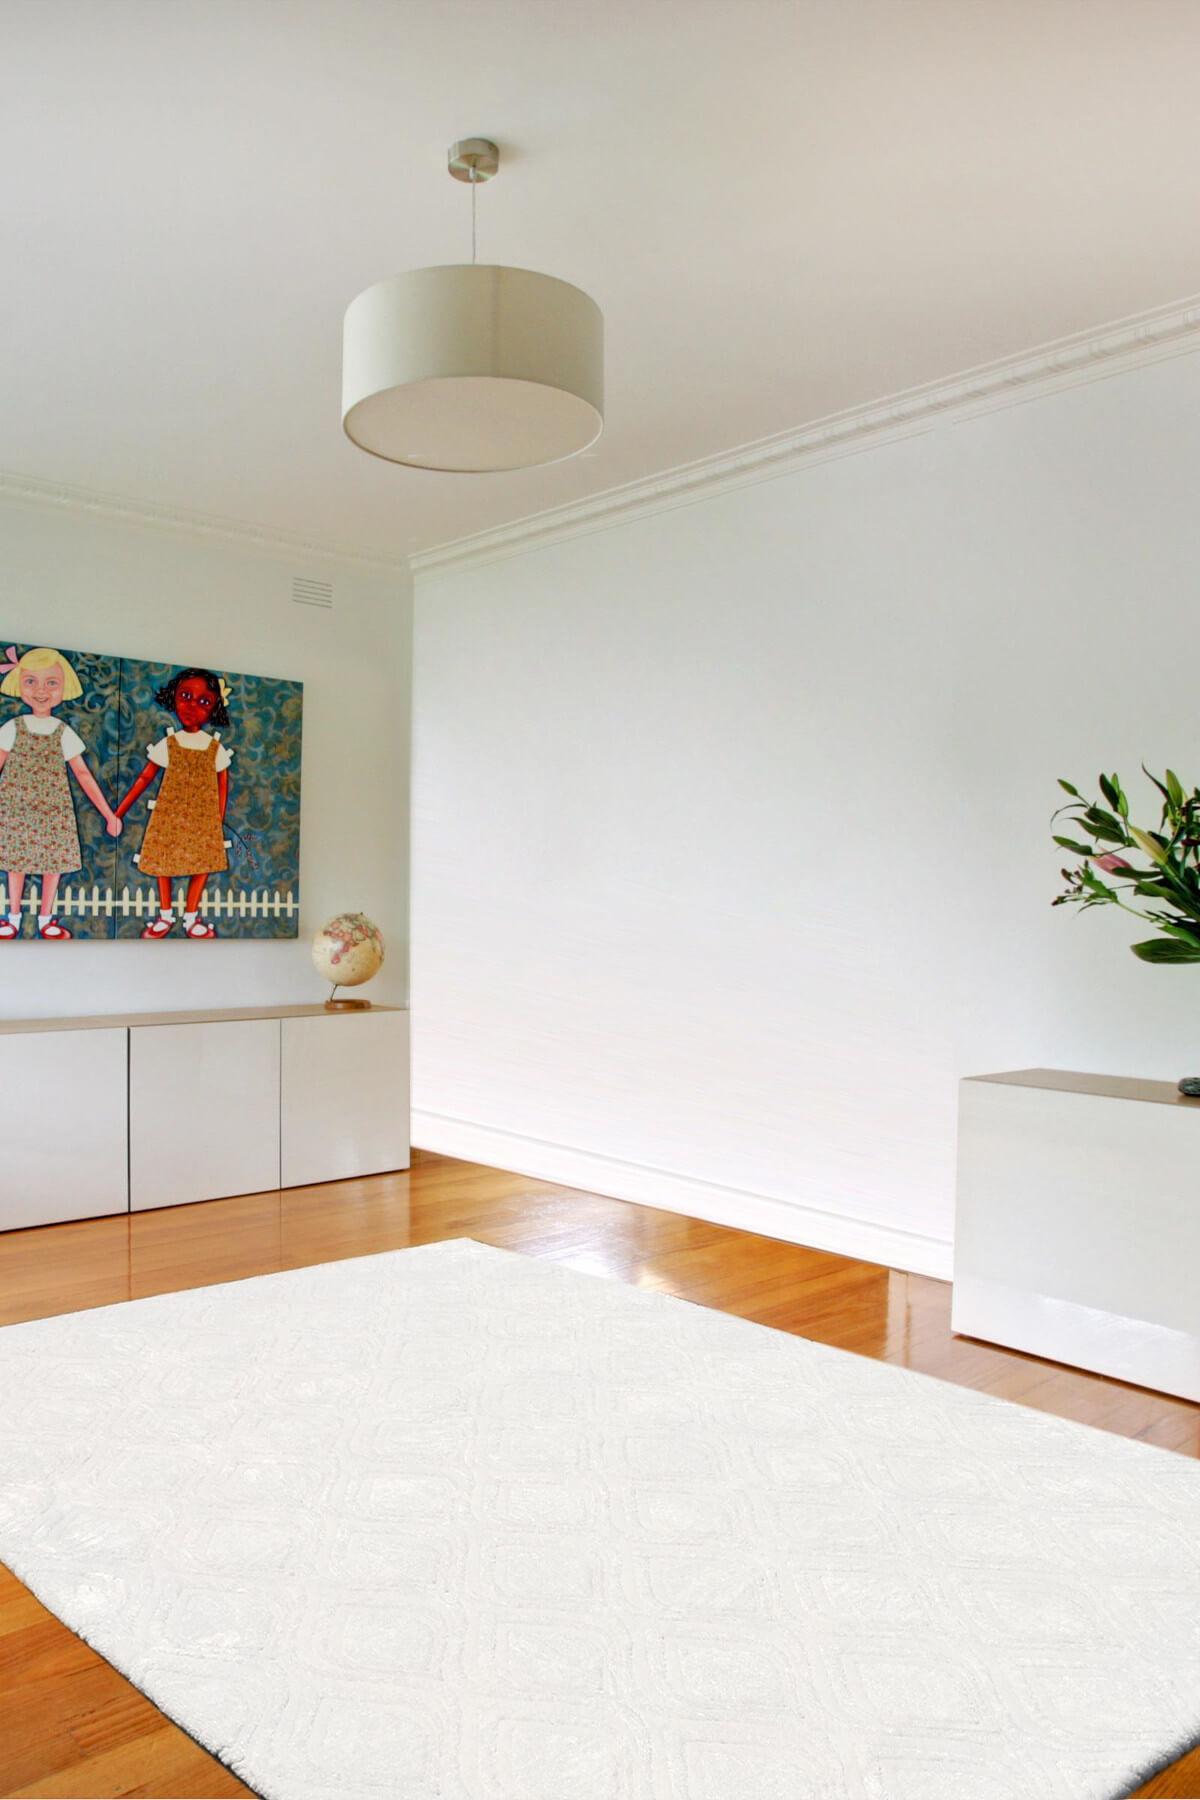 ديكور المنزل غطاء للسجاد السجاد نسيج السجاد غطاء بالتنقيط الأبيض